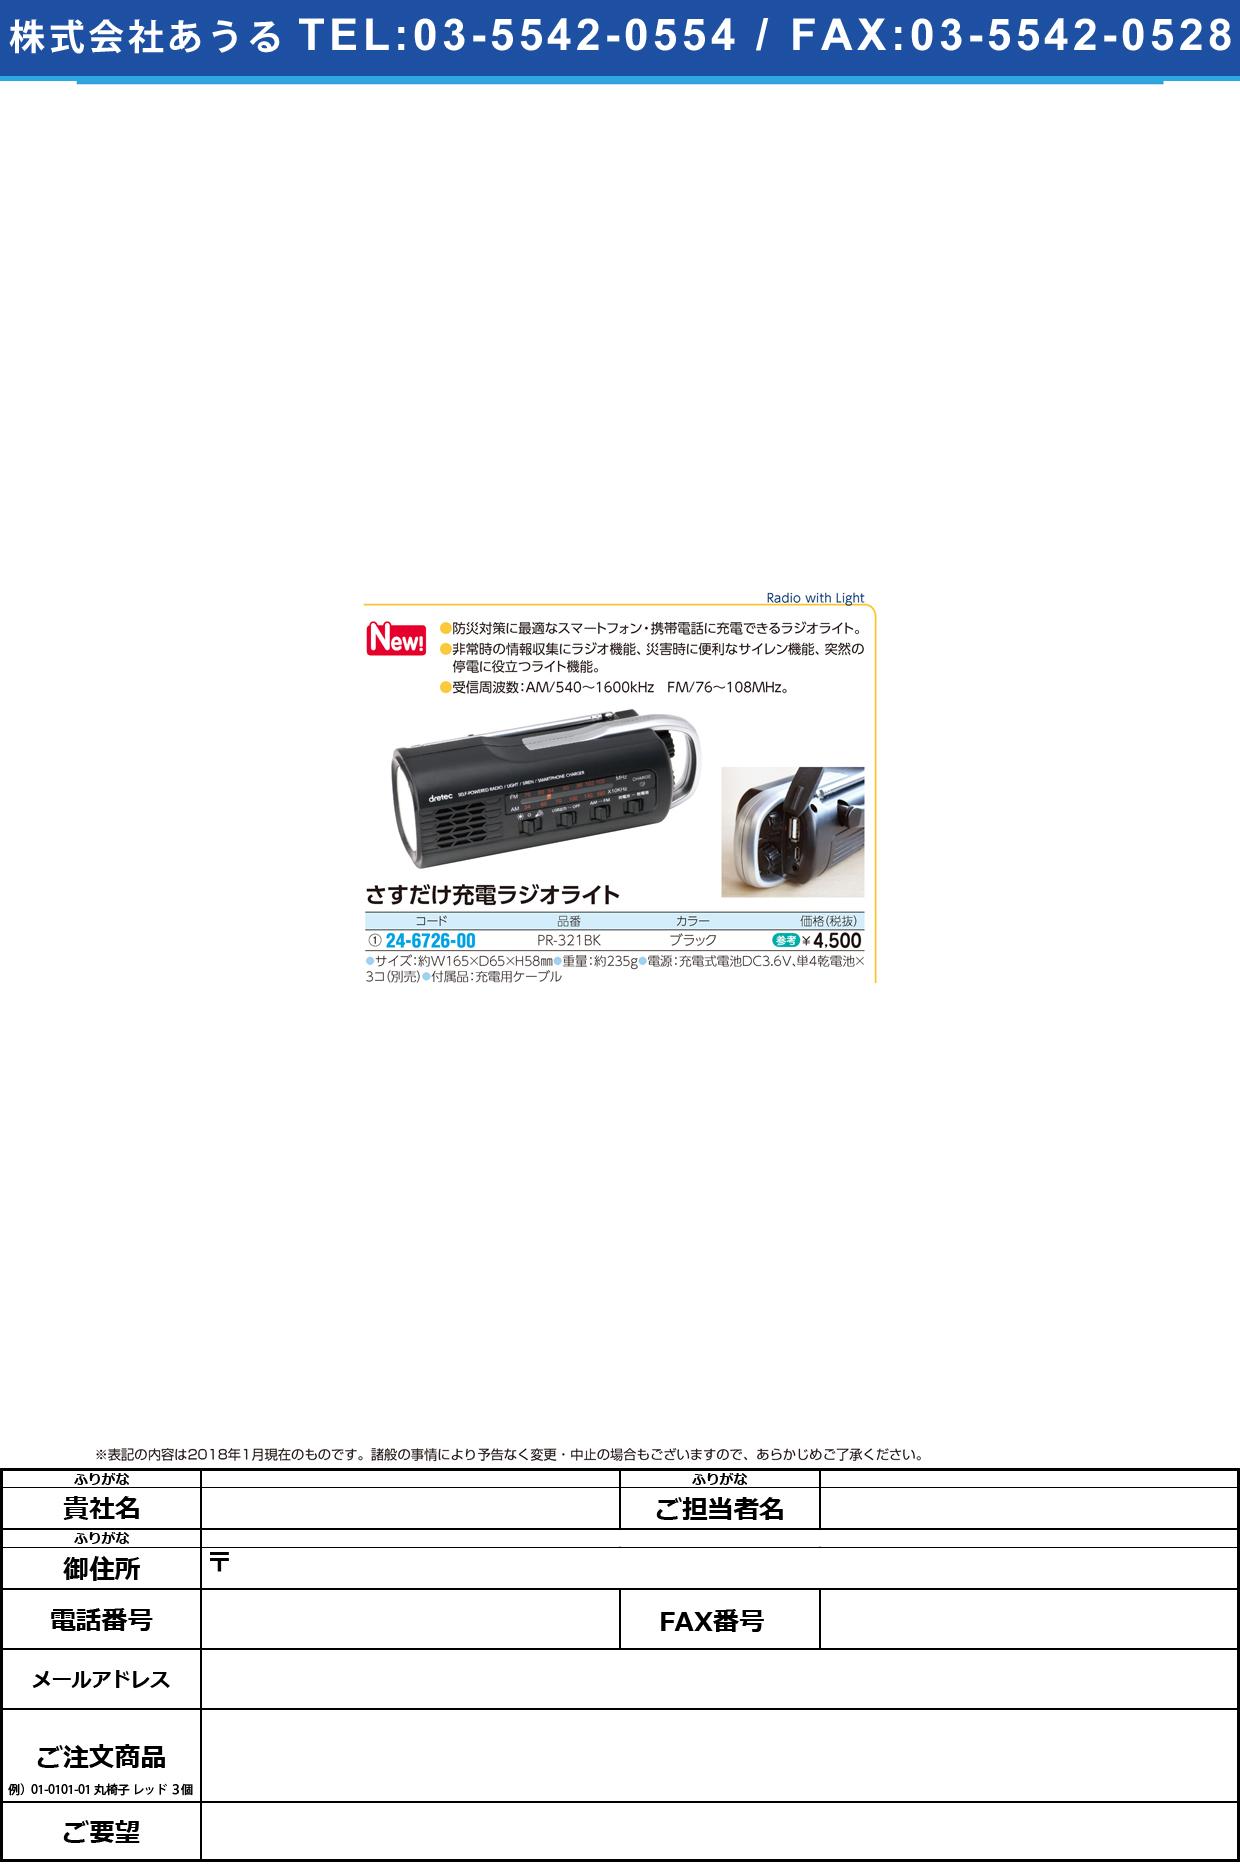 (24-6726-00)さすだけ充電ラジオライト PR-321BK(ブラック) サスダケジュウデンラジオライト(ドリテック)【1個単位】【2018年カタログ商品】